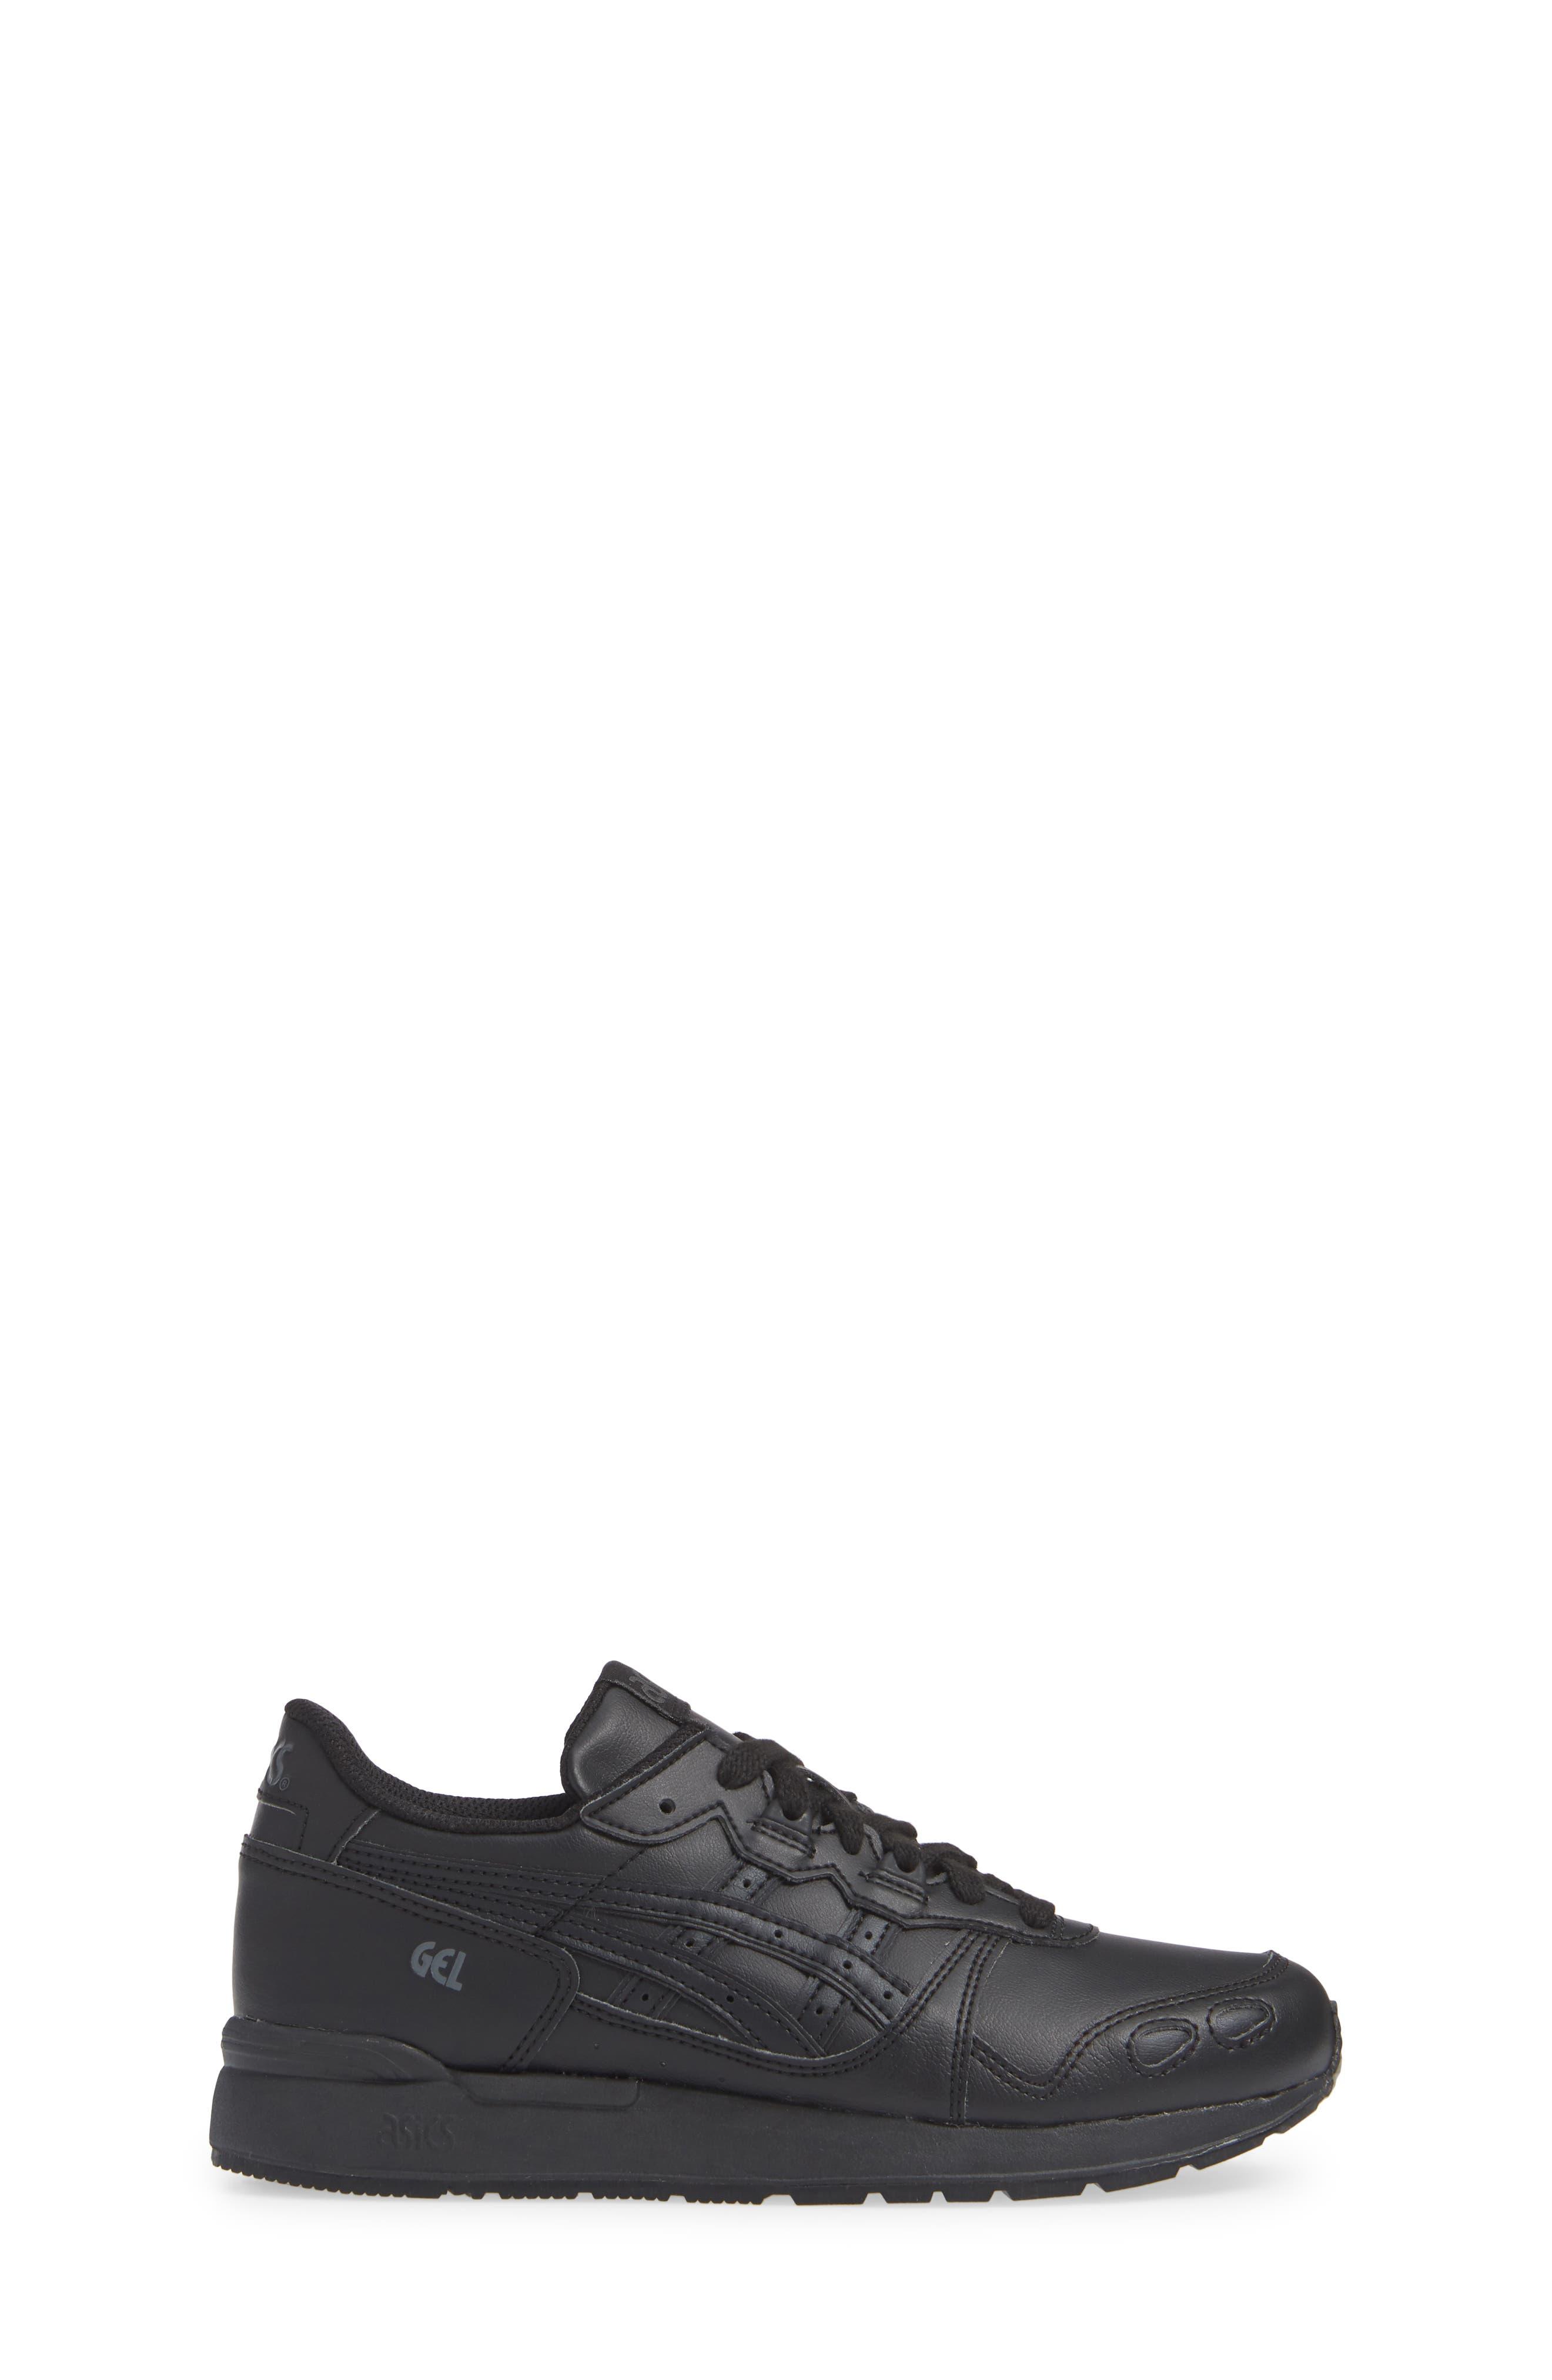 GEL-Lyte III Sneaker,                             Alternate thumbnail 3, color,                             BLACK/ BLACK